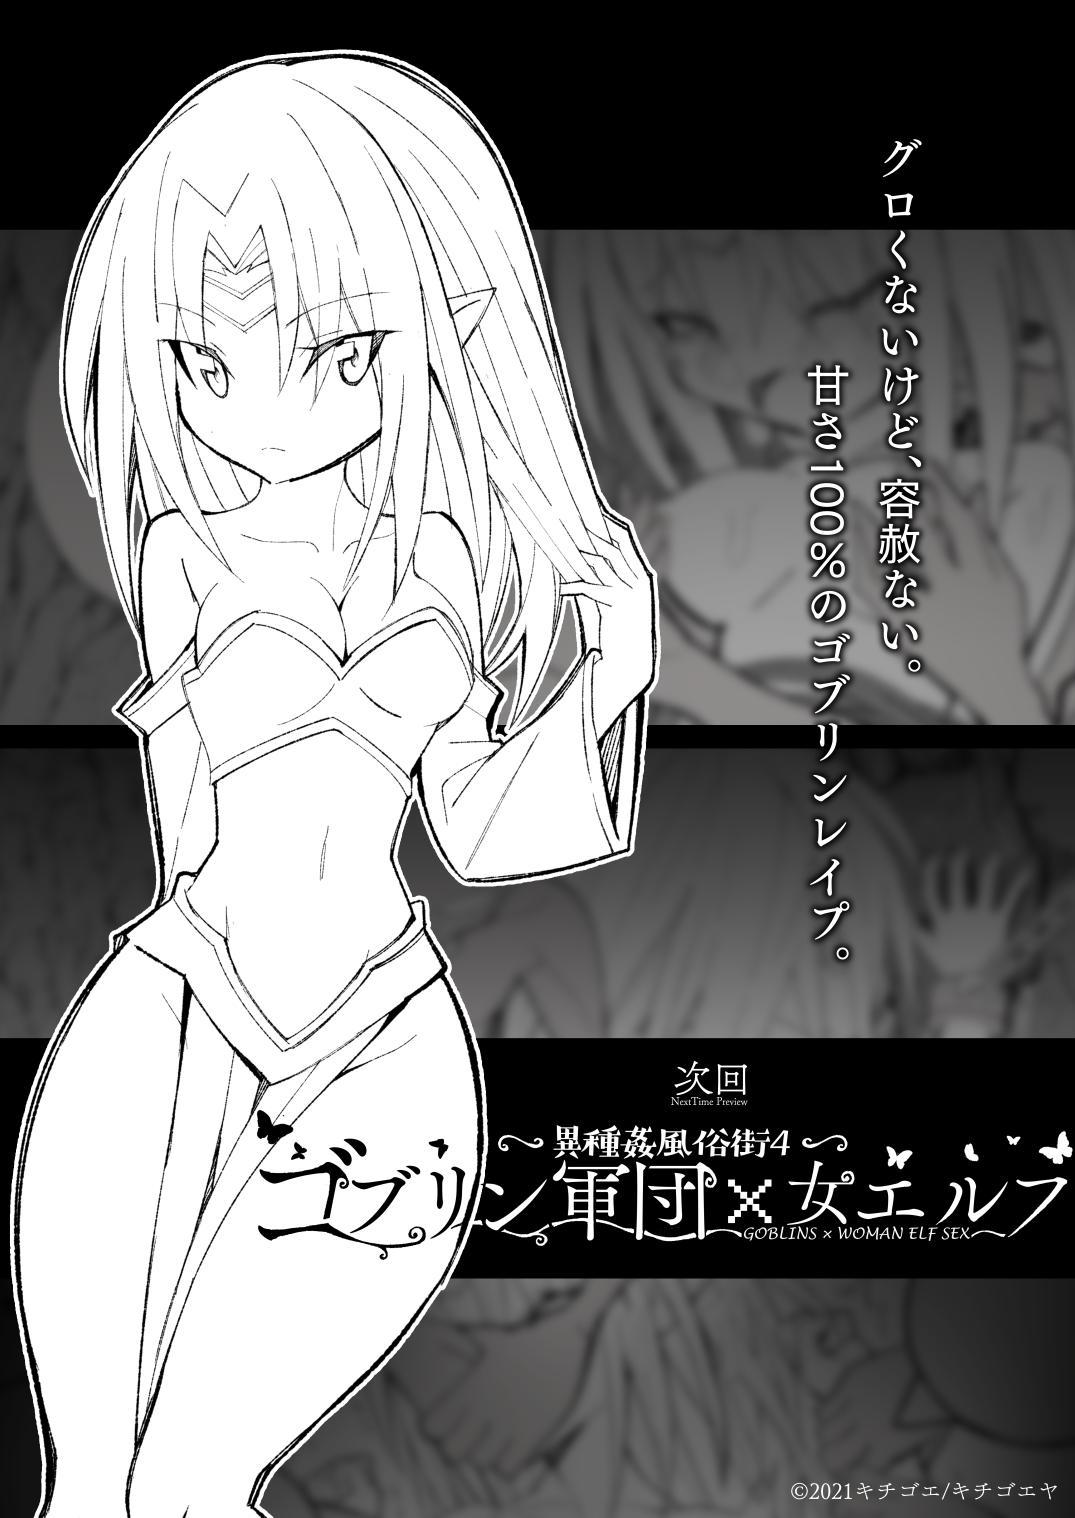 Ishu kan fūzoku-gai3 shokubutsu shokushu × rori 106